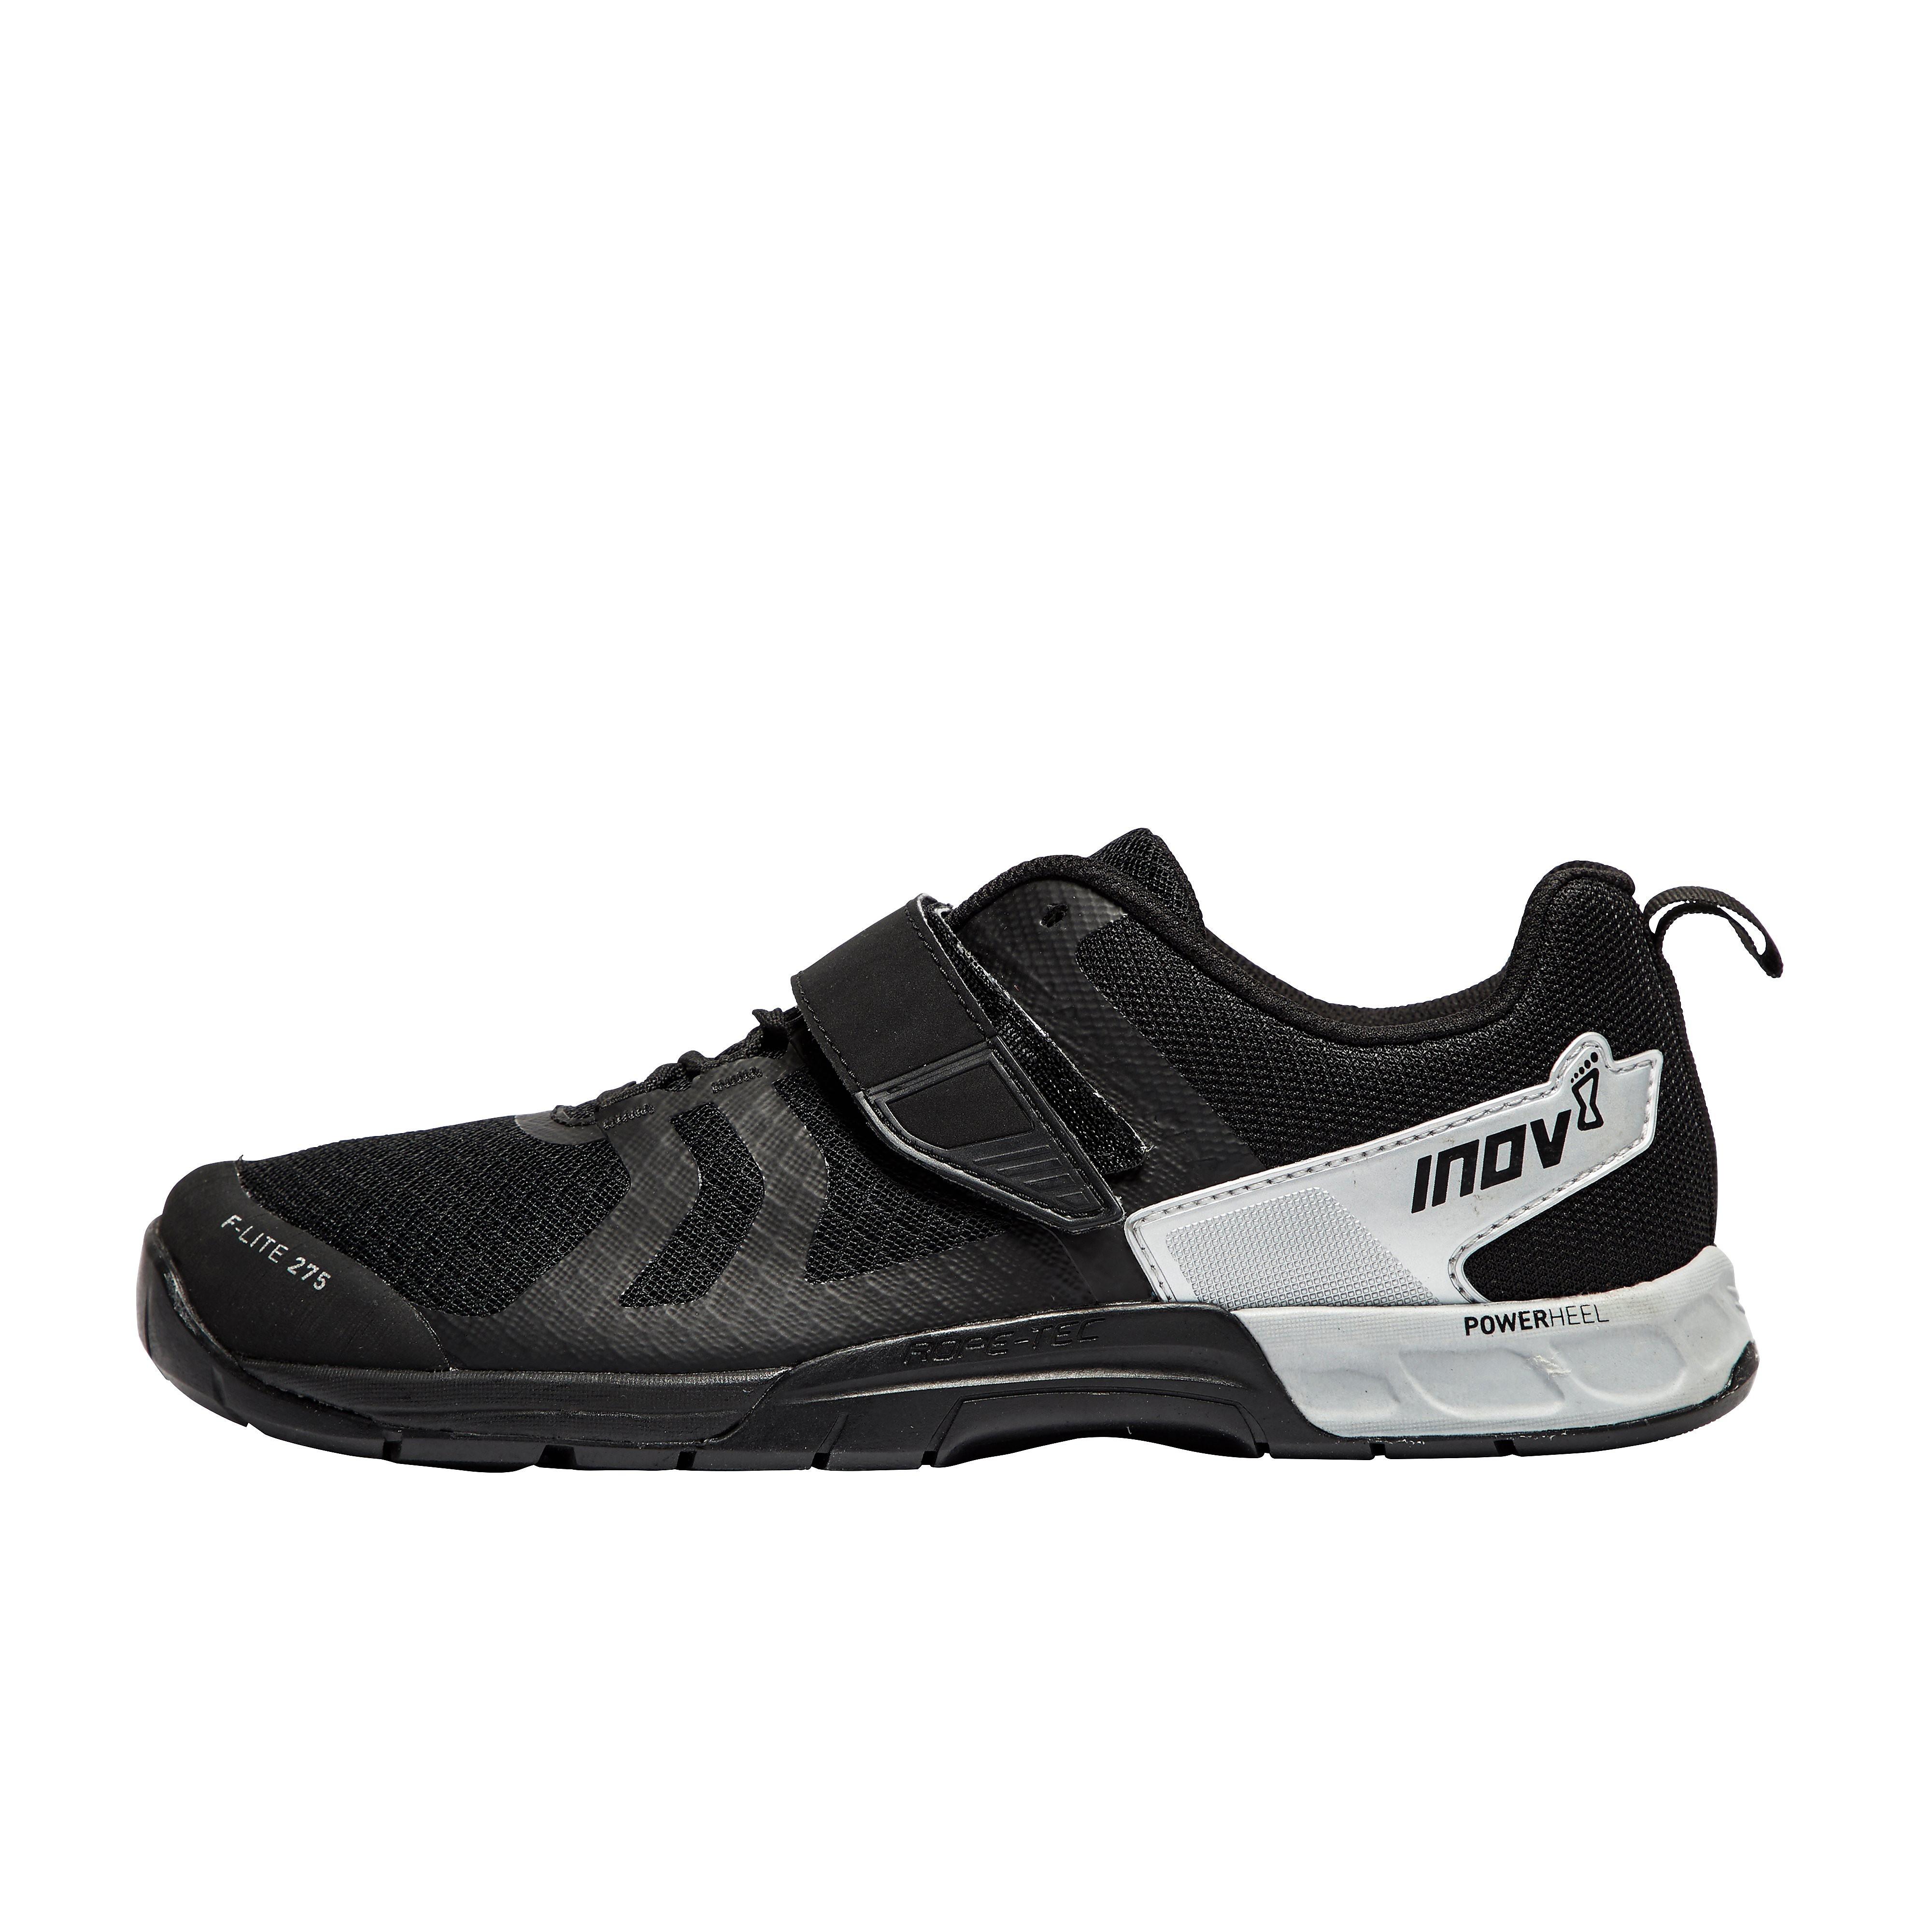 Inov-8 F-LITE 275 Men's Training Shoes